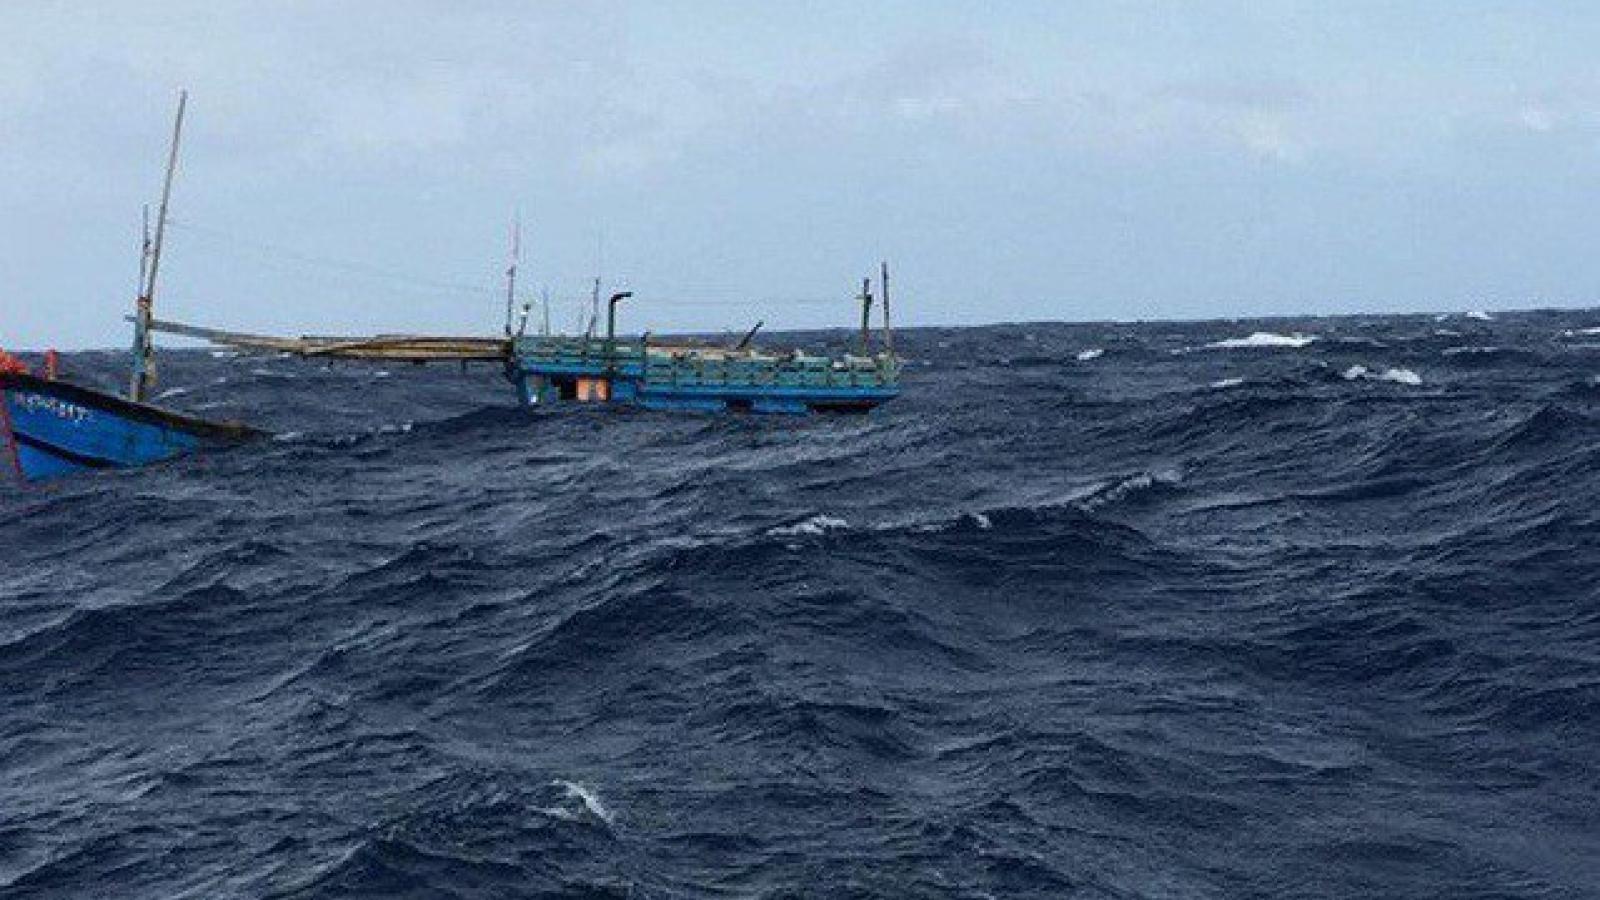 Tìm thấy ngư dân thứ 2 trôi dạt trên vùng biển Thanh Hóa